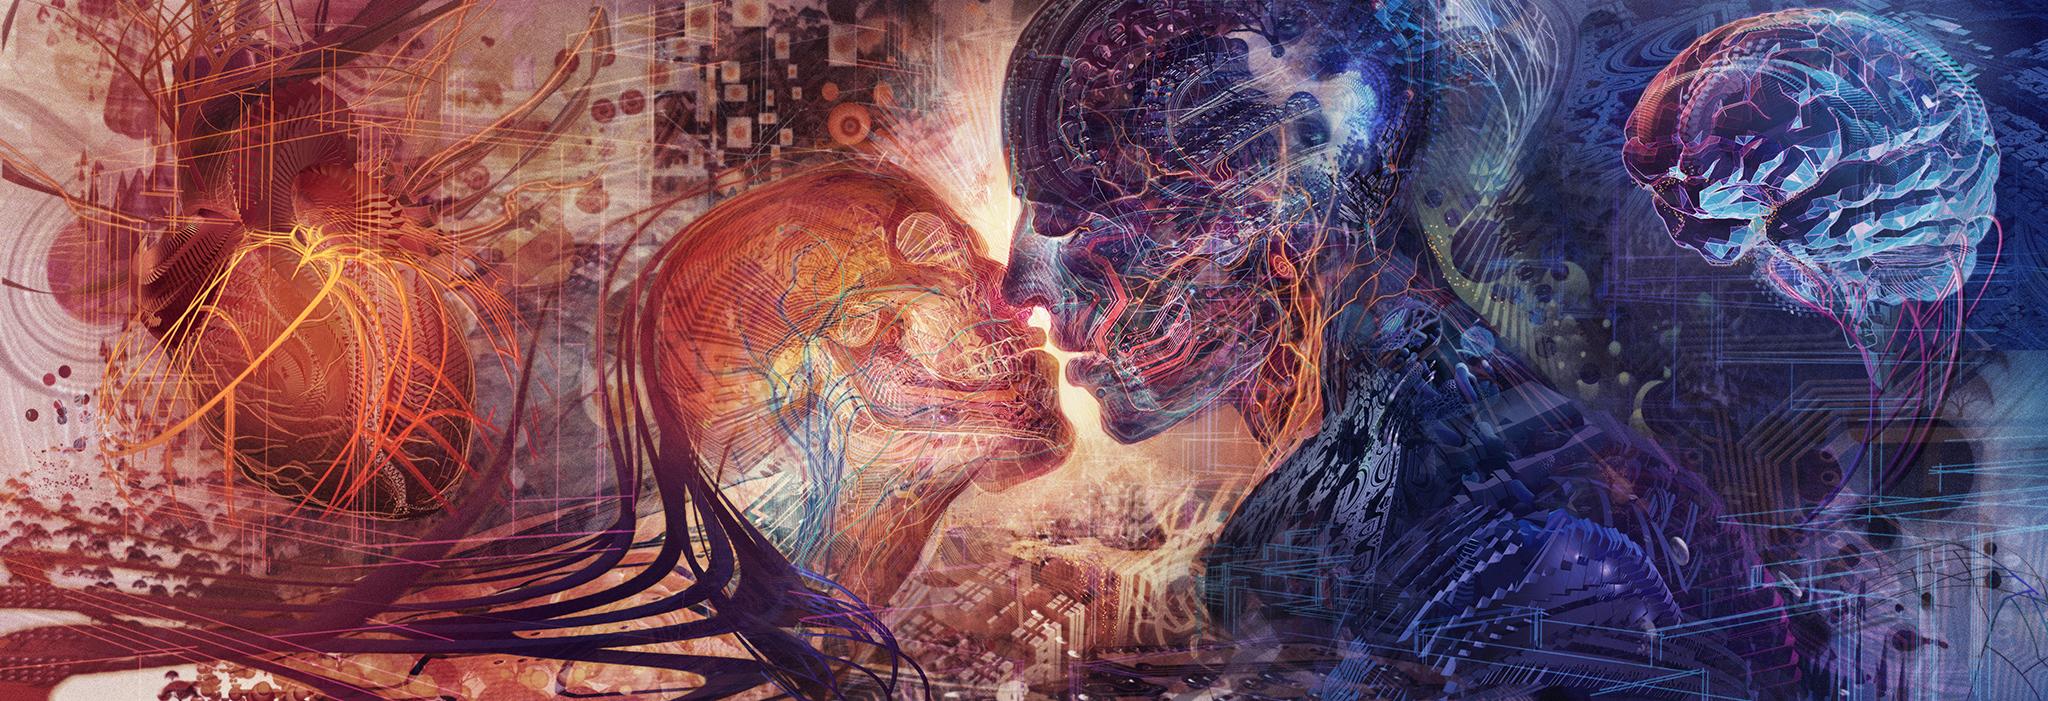 Transcendent Art Of Android Jones Quantum Underground